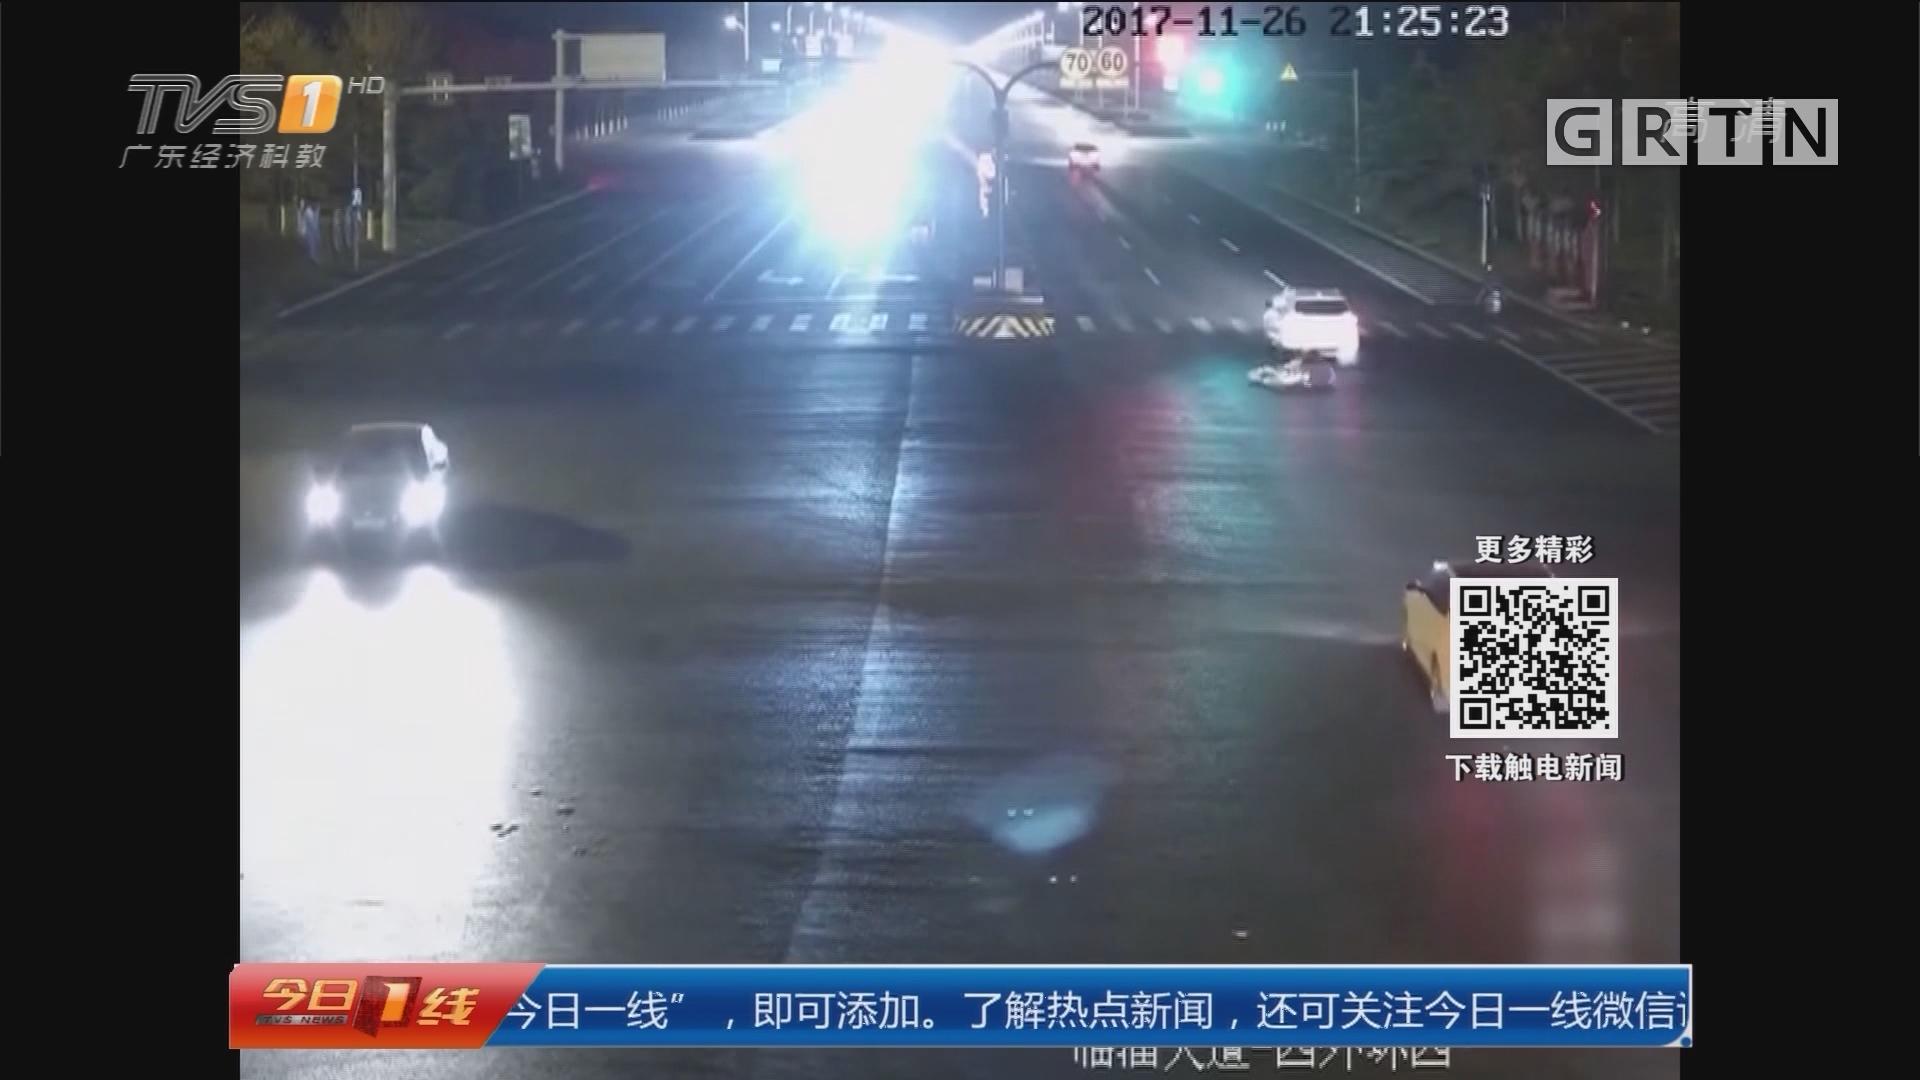 山东淄博:肇事逃逸装好人 监控还原真相